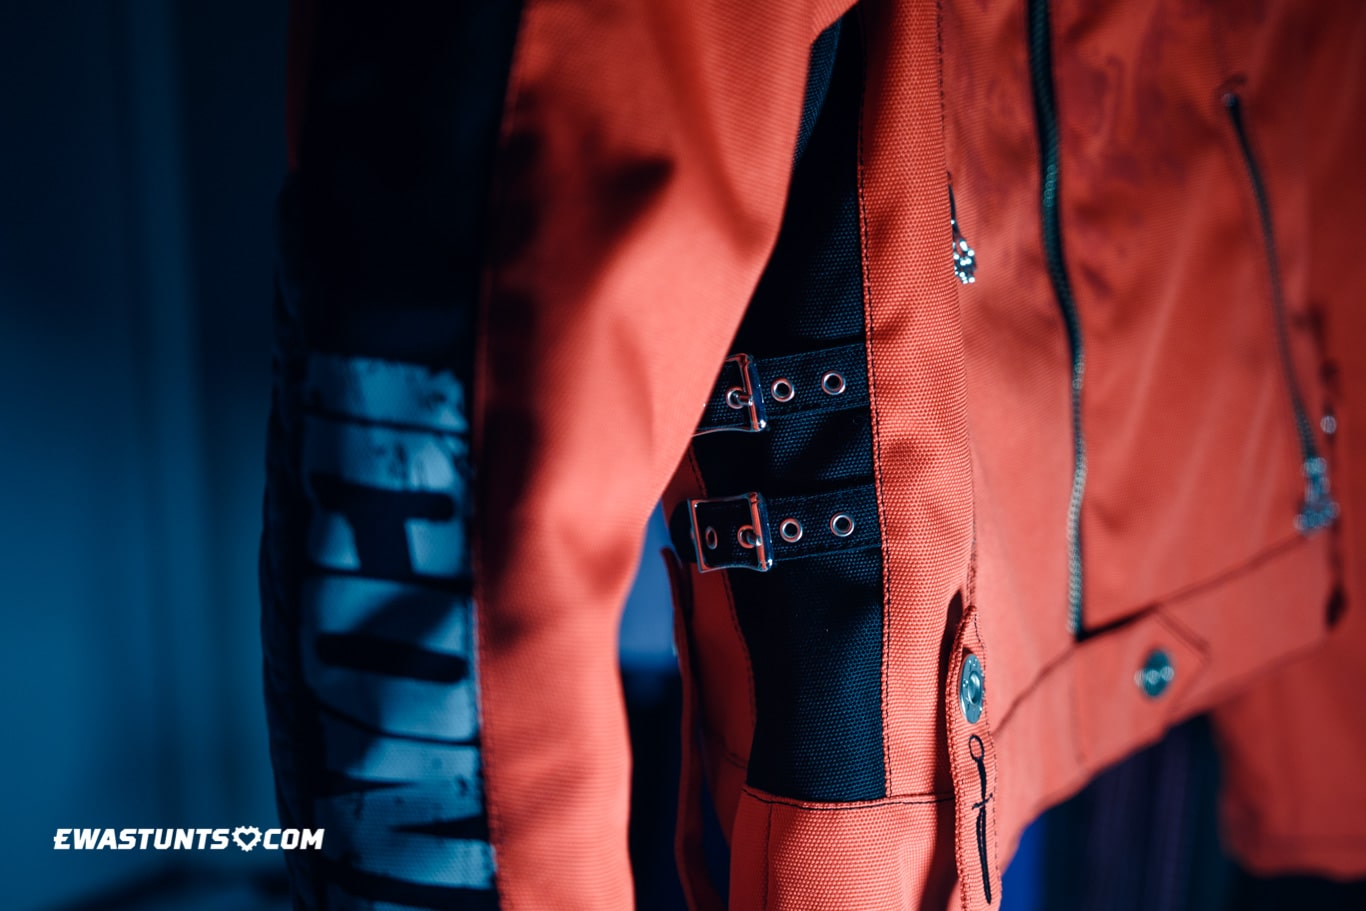 ewastunts_icon_jacket-17